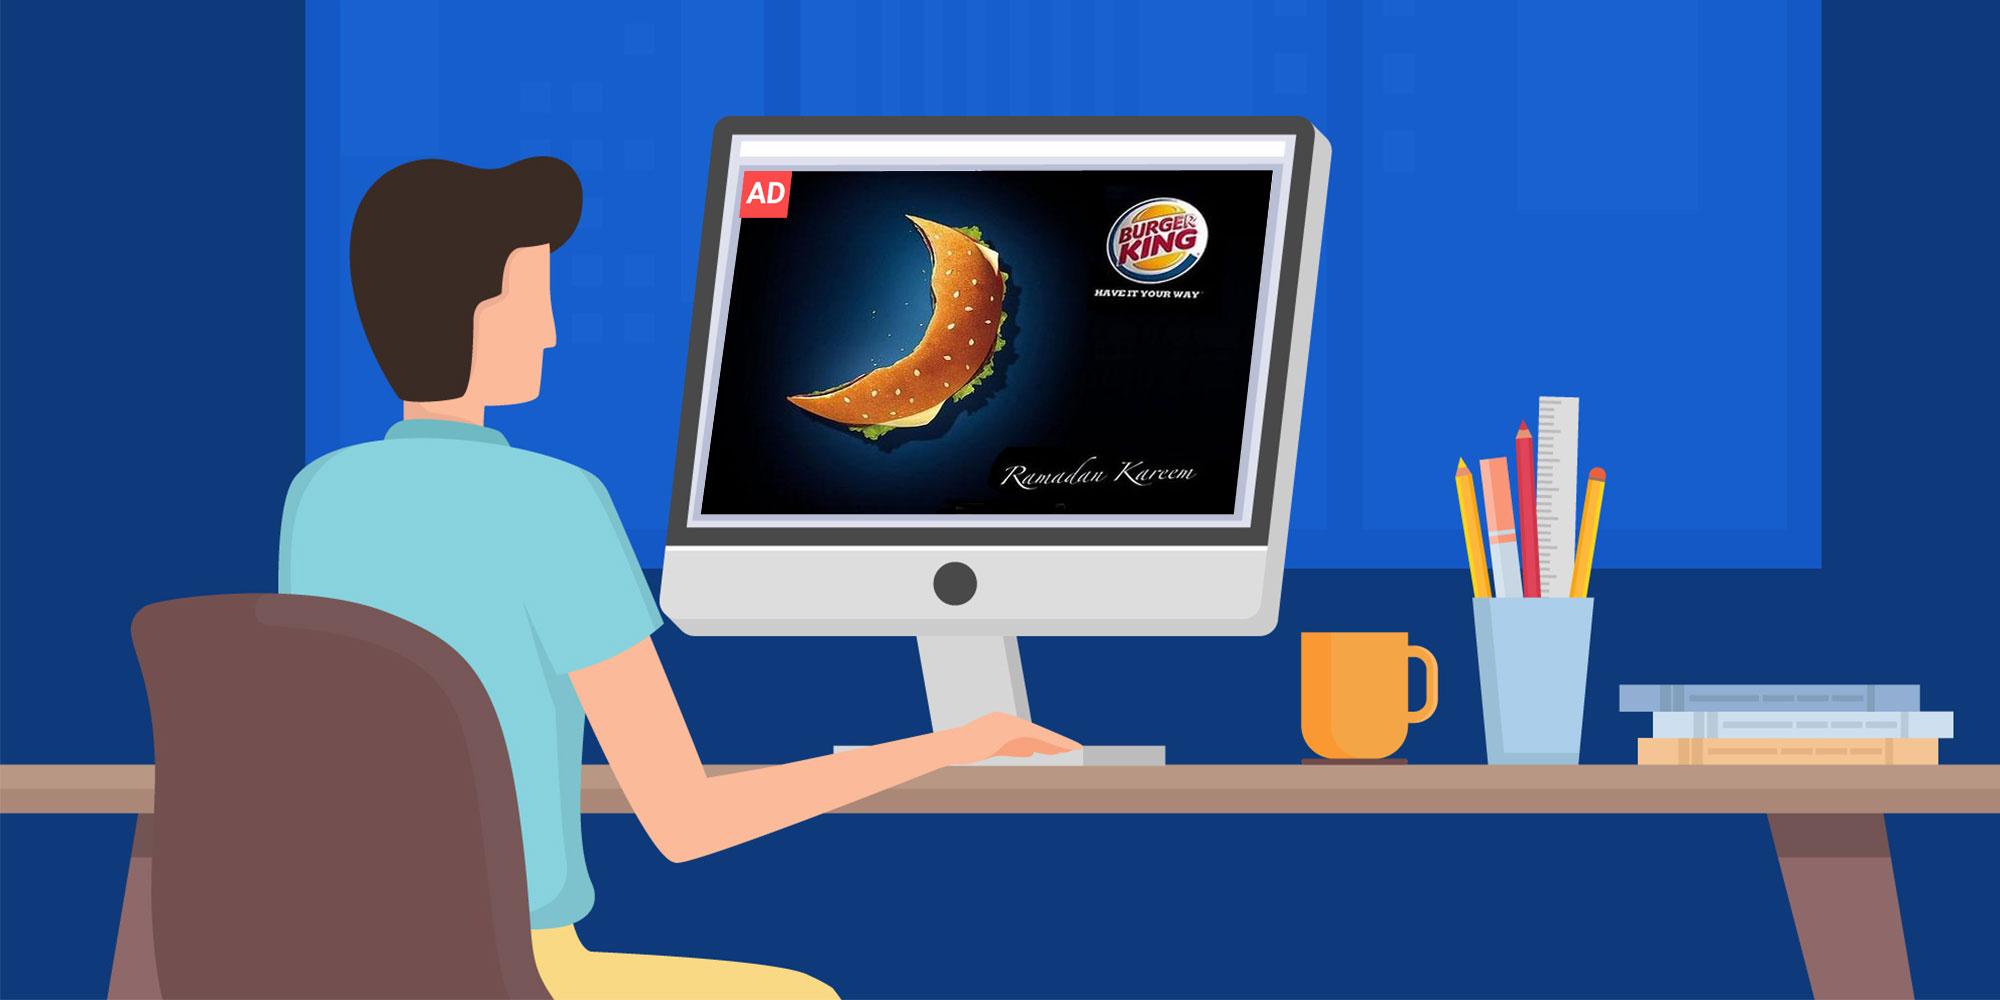 محتواهای تبلیغاتی متناسب با ماه رمضان